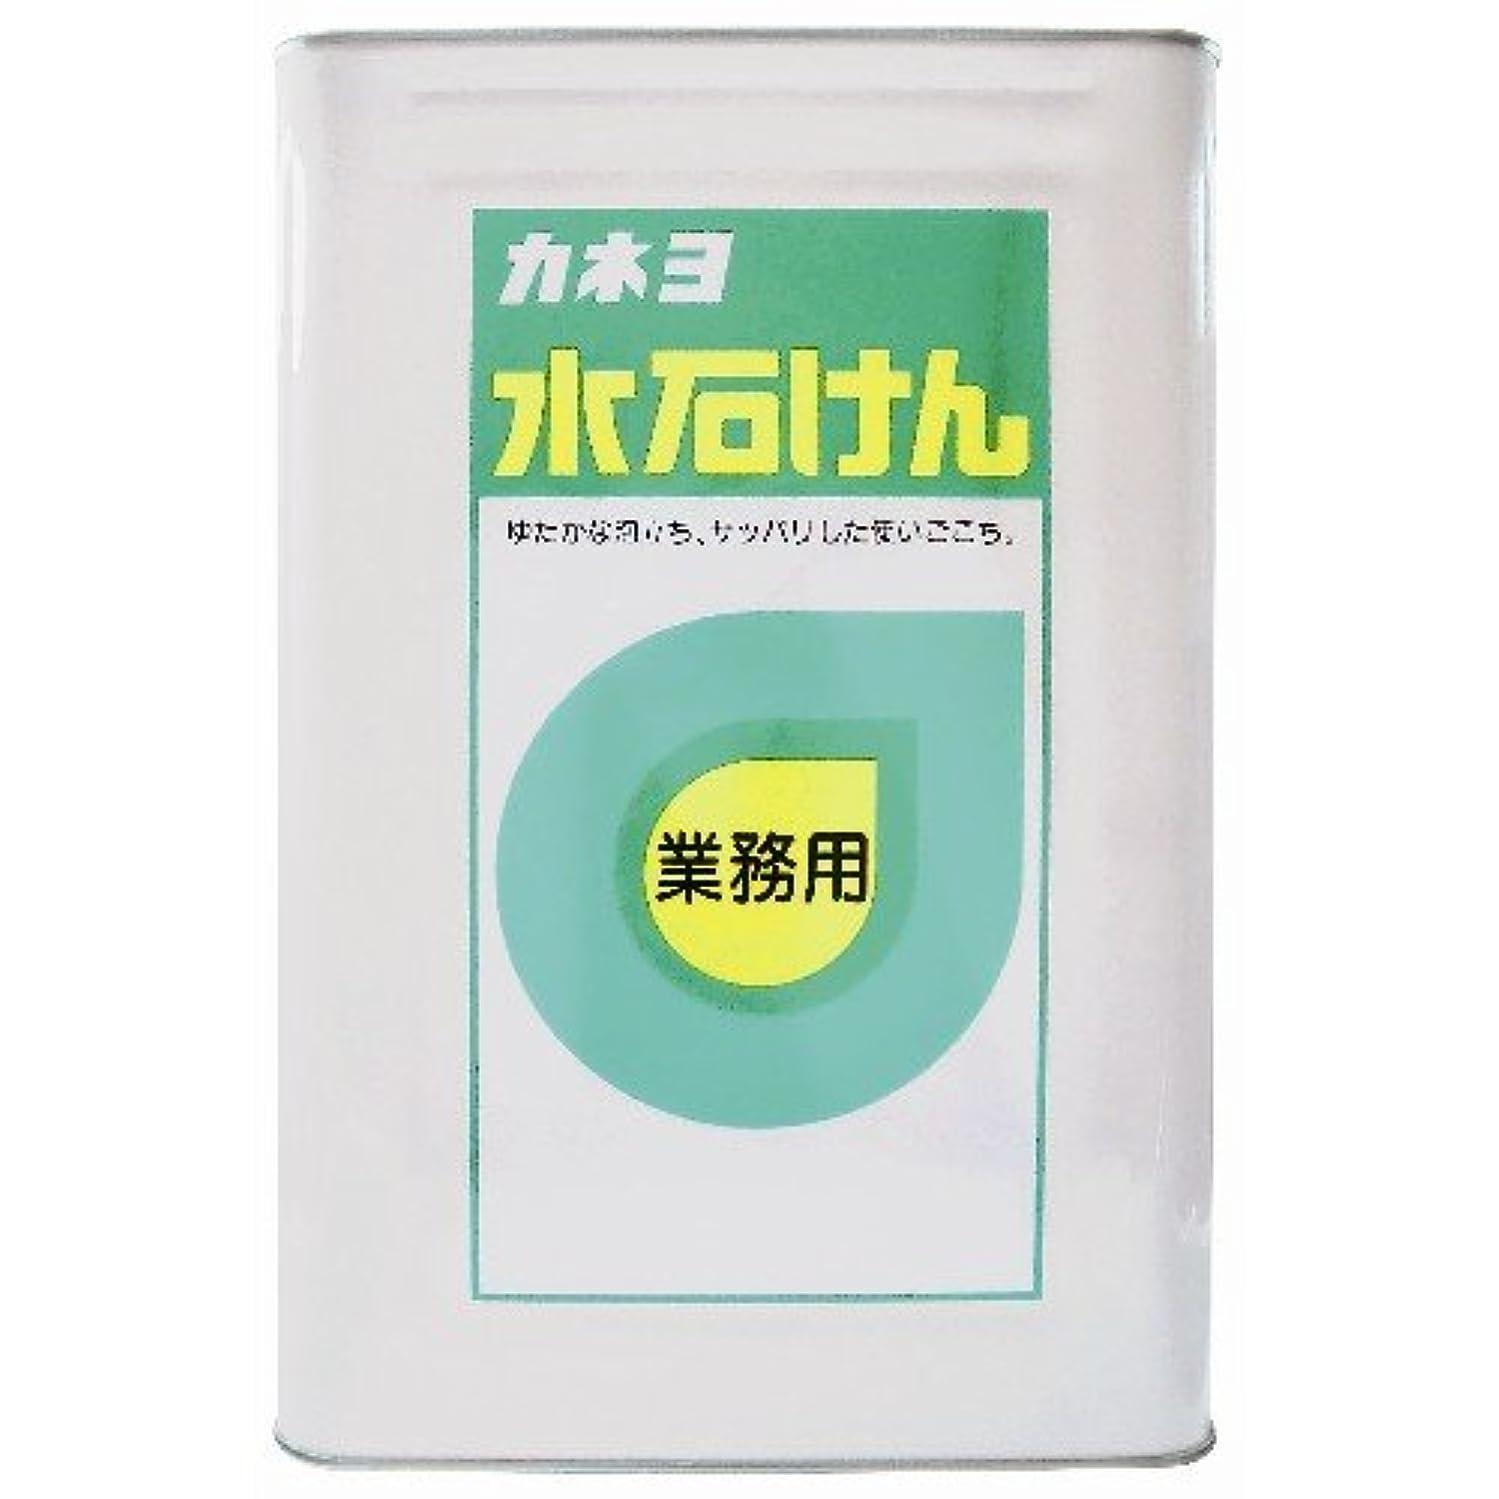 換気する欲求不満に向けて出発【大容量】 カネヨ石鹸 ハンドソープ 水石けん 液体 業務用 18L 一斗缶